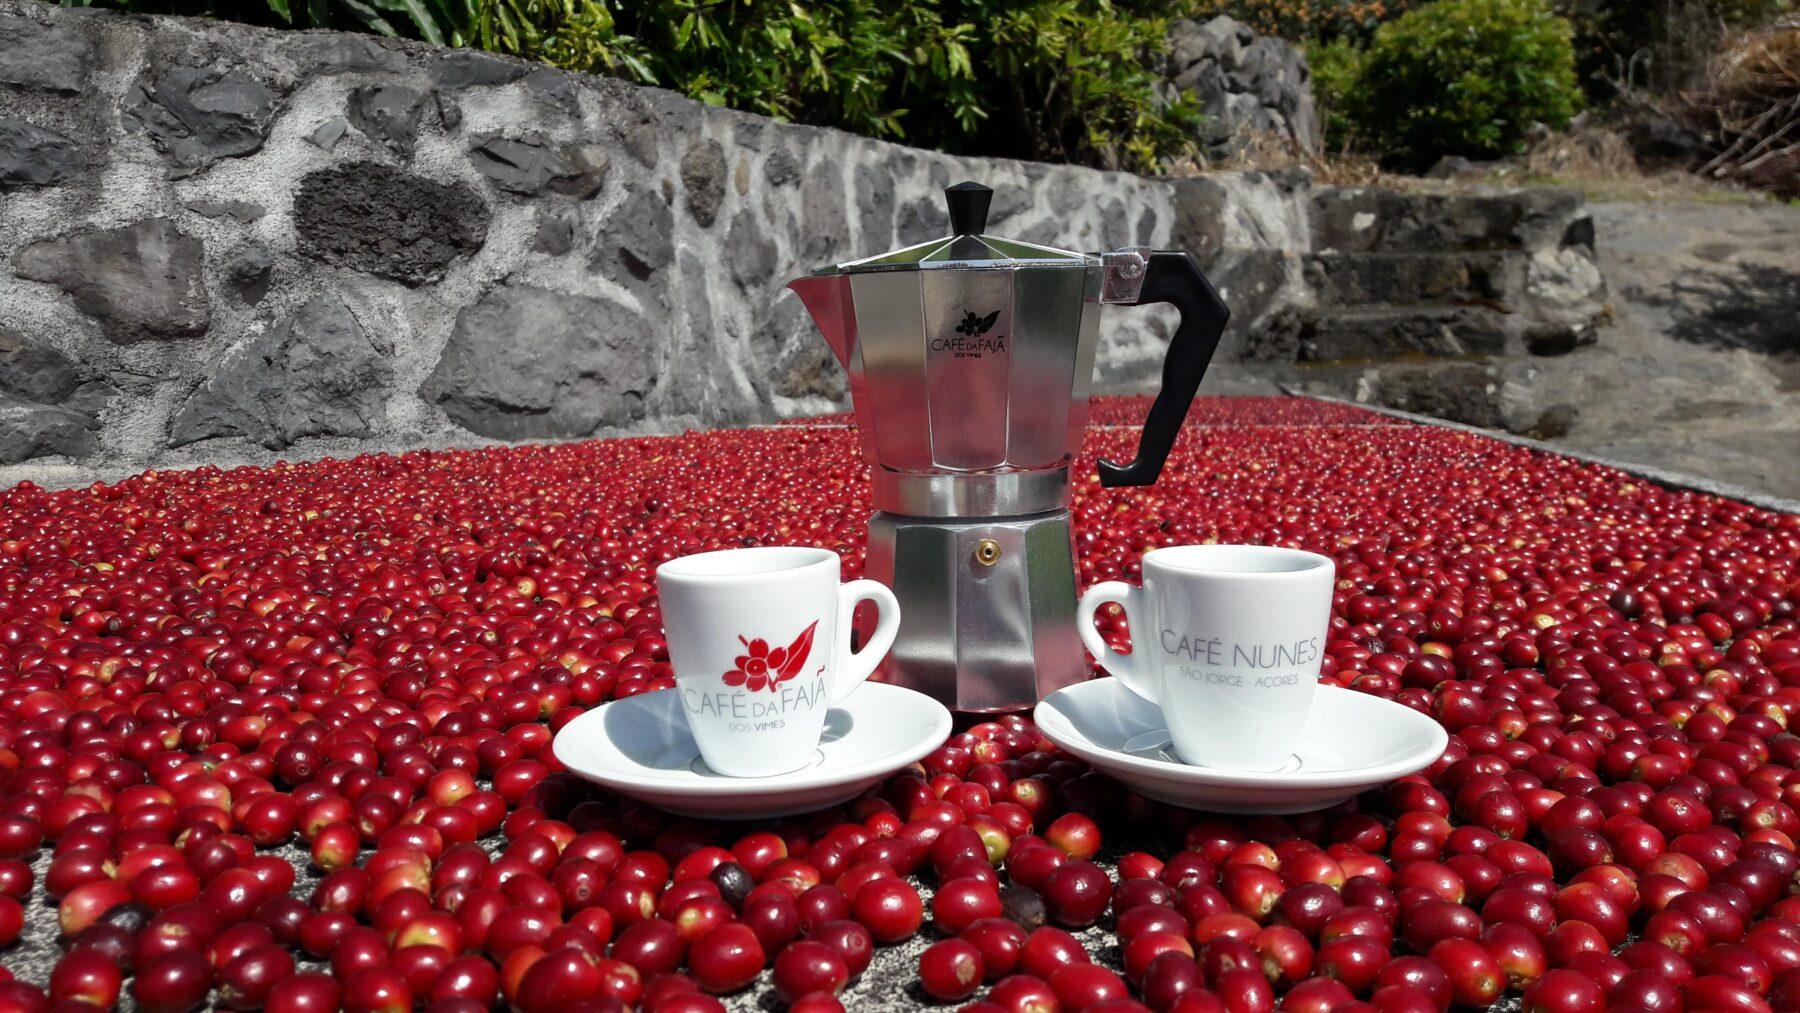 Café da Fajã dos Vimes - Café Nunes - São Jorge, Açores